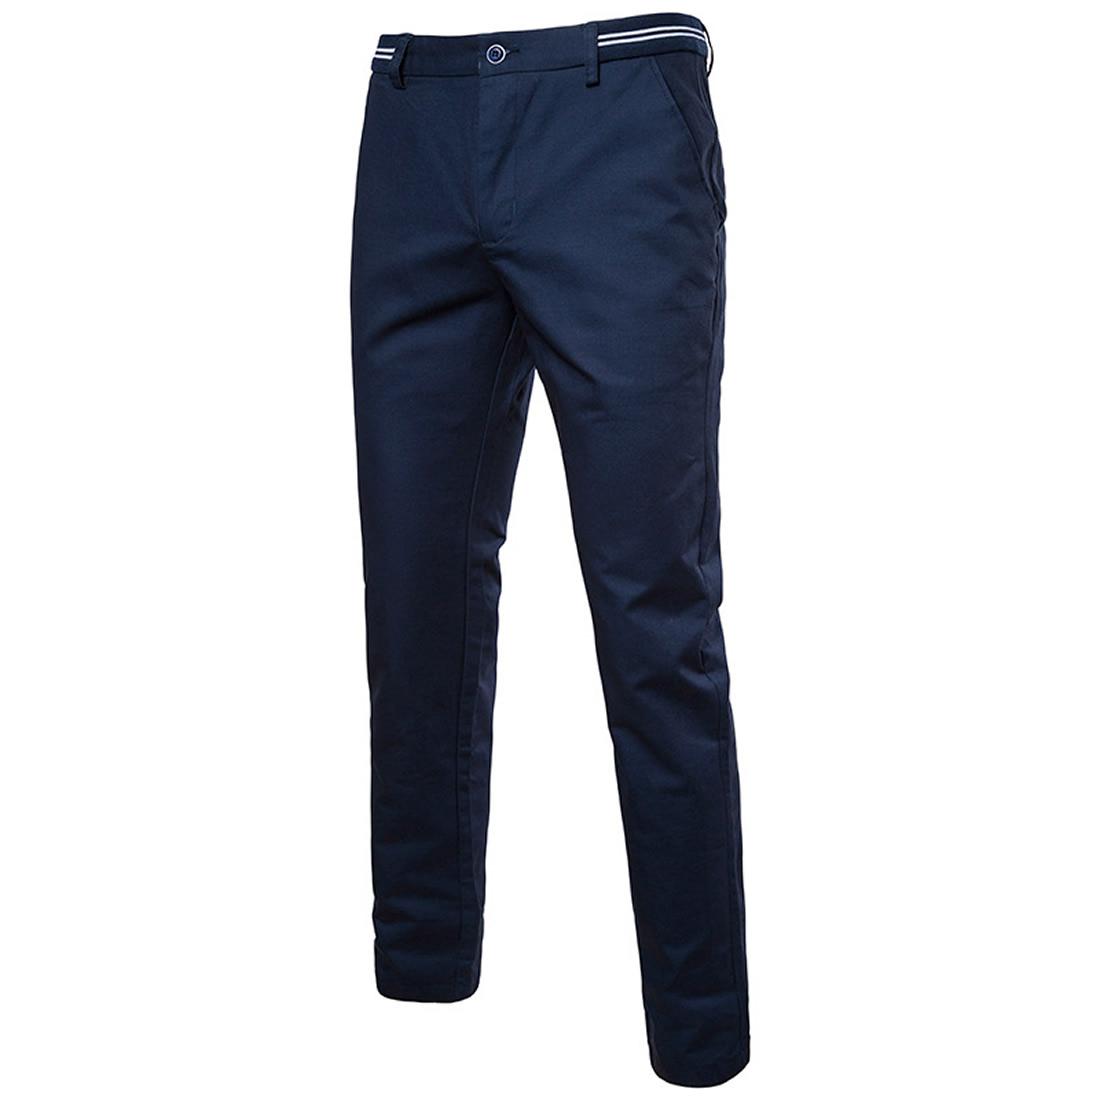 Tela Mezclada Algodon Pantalones Hombre Casual Impreso A Rayas Mas Colores Para Elegir Trozo Yym